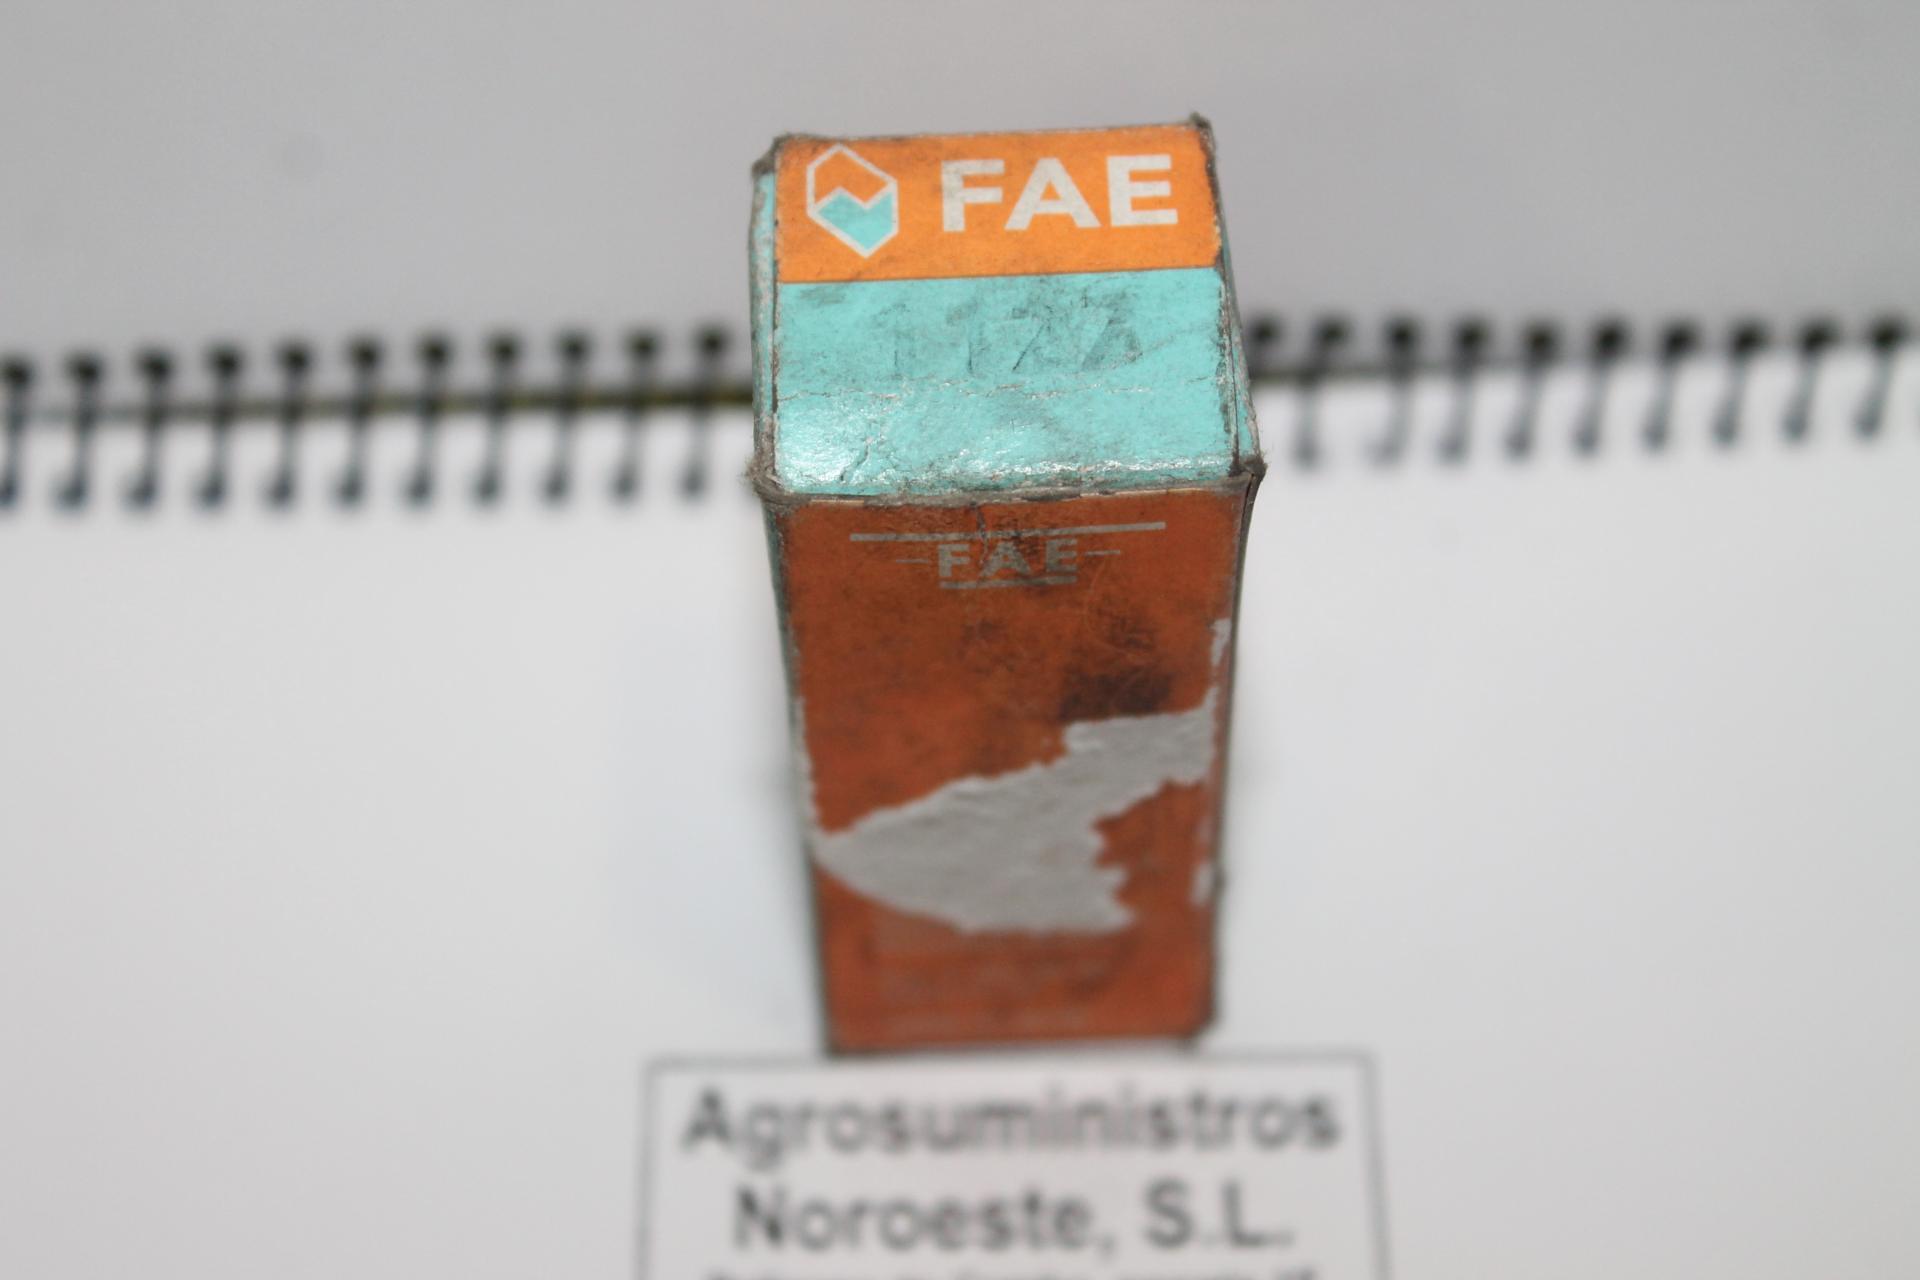 Manocontacto FAE 1127